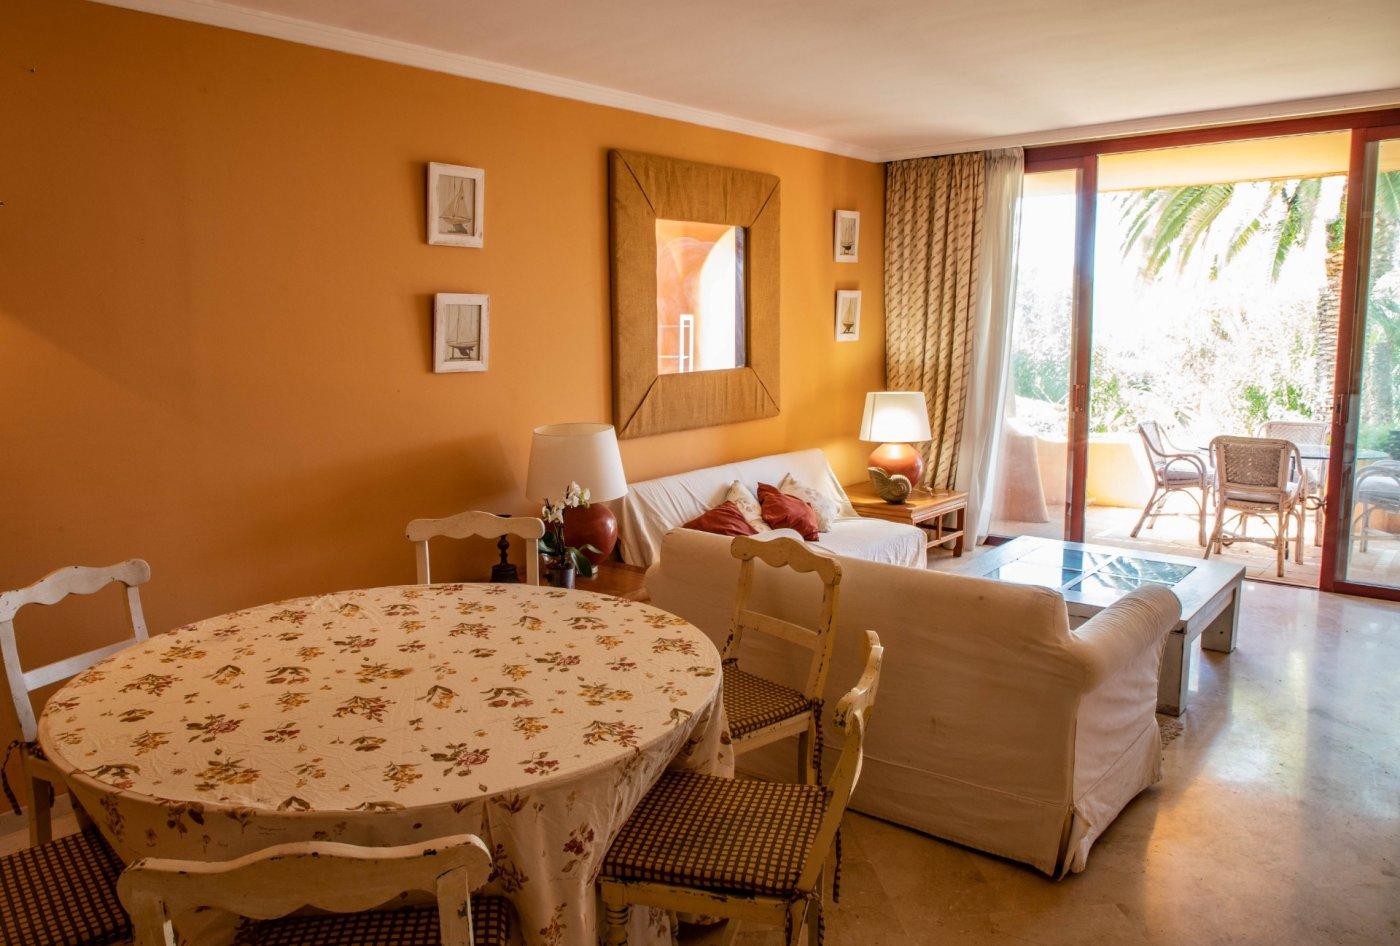 Oportunidad de comprar un precioso apartamento en santa ponsa a muy buen precio!! - imagenInmueble22